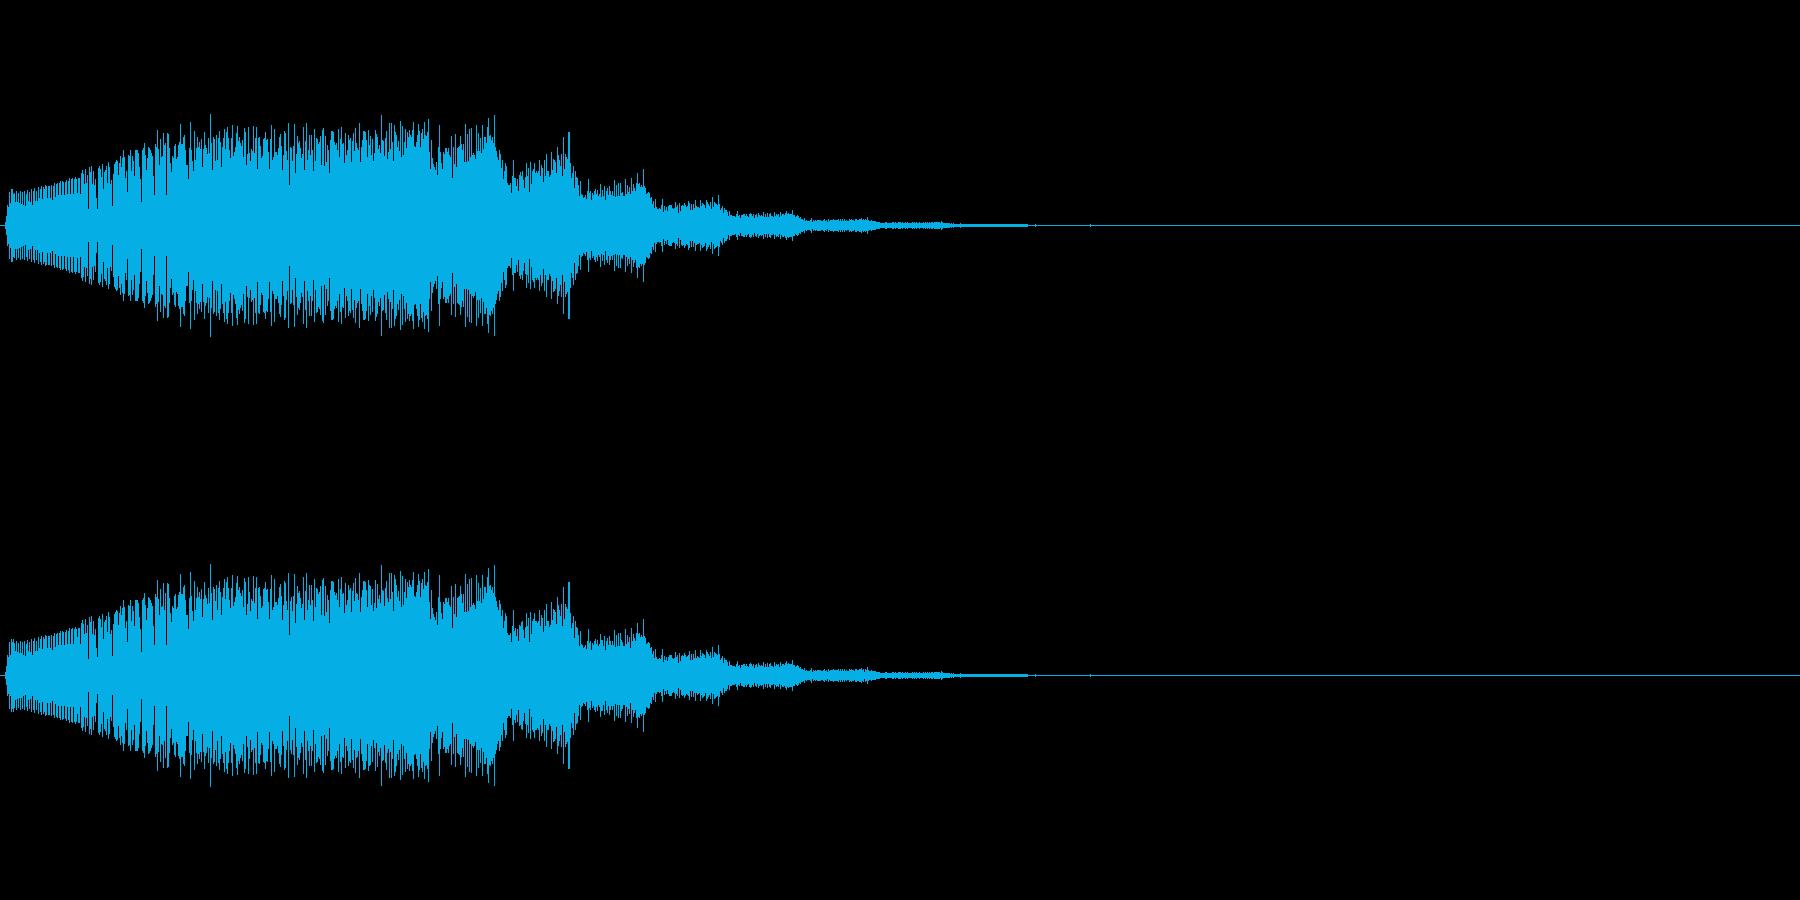 「ジャンプ(プワー)→着地(ギュン)の再生済みの波形